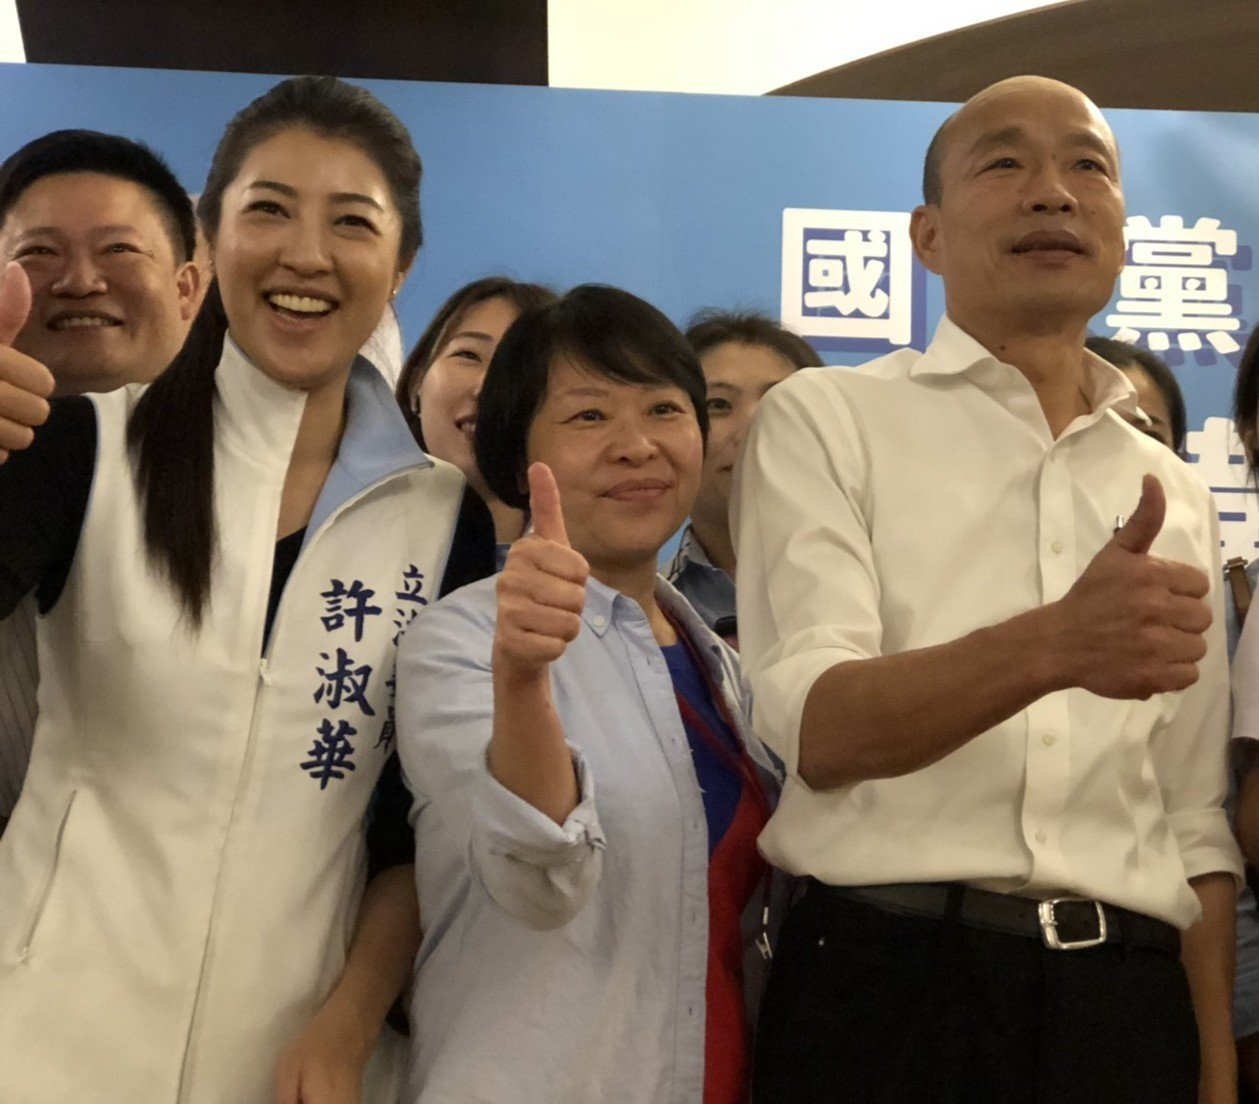 韓國瑜(右)24日將與立委許淑華(右)合體造勢。圖/本報資料照片